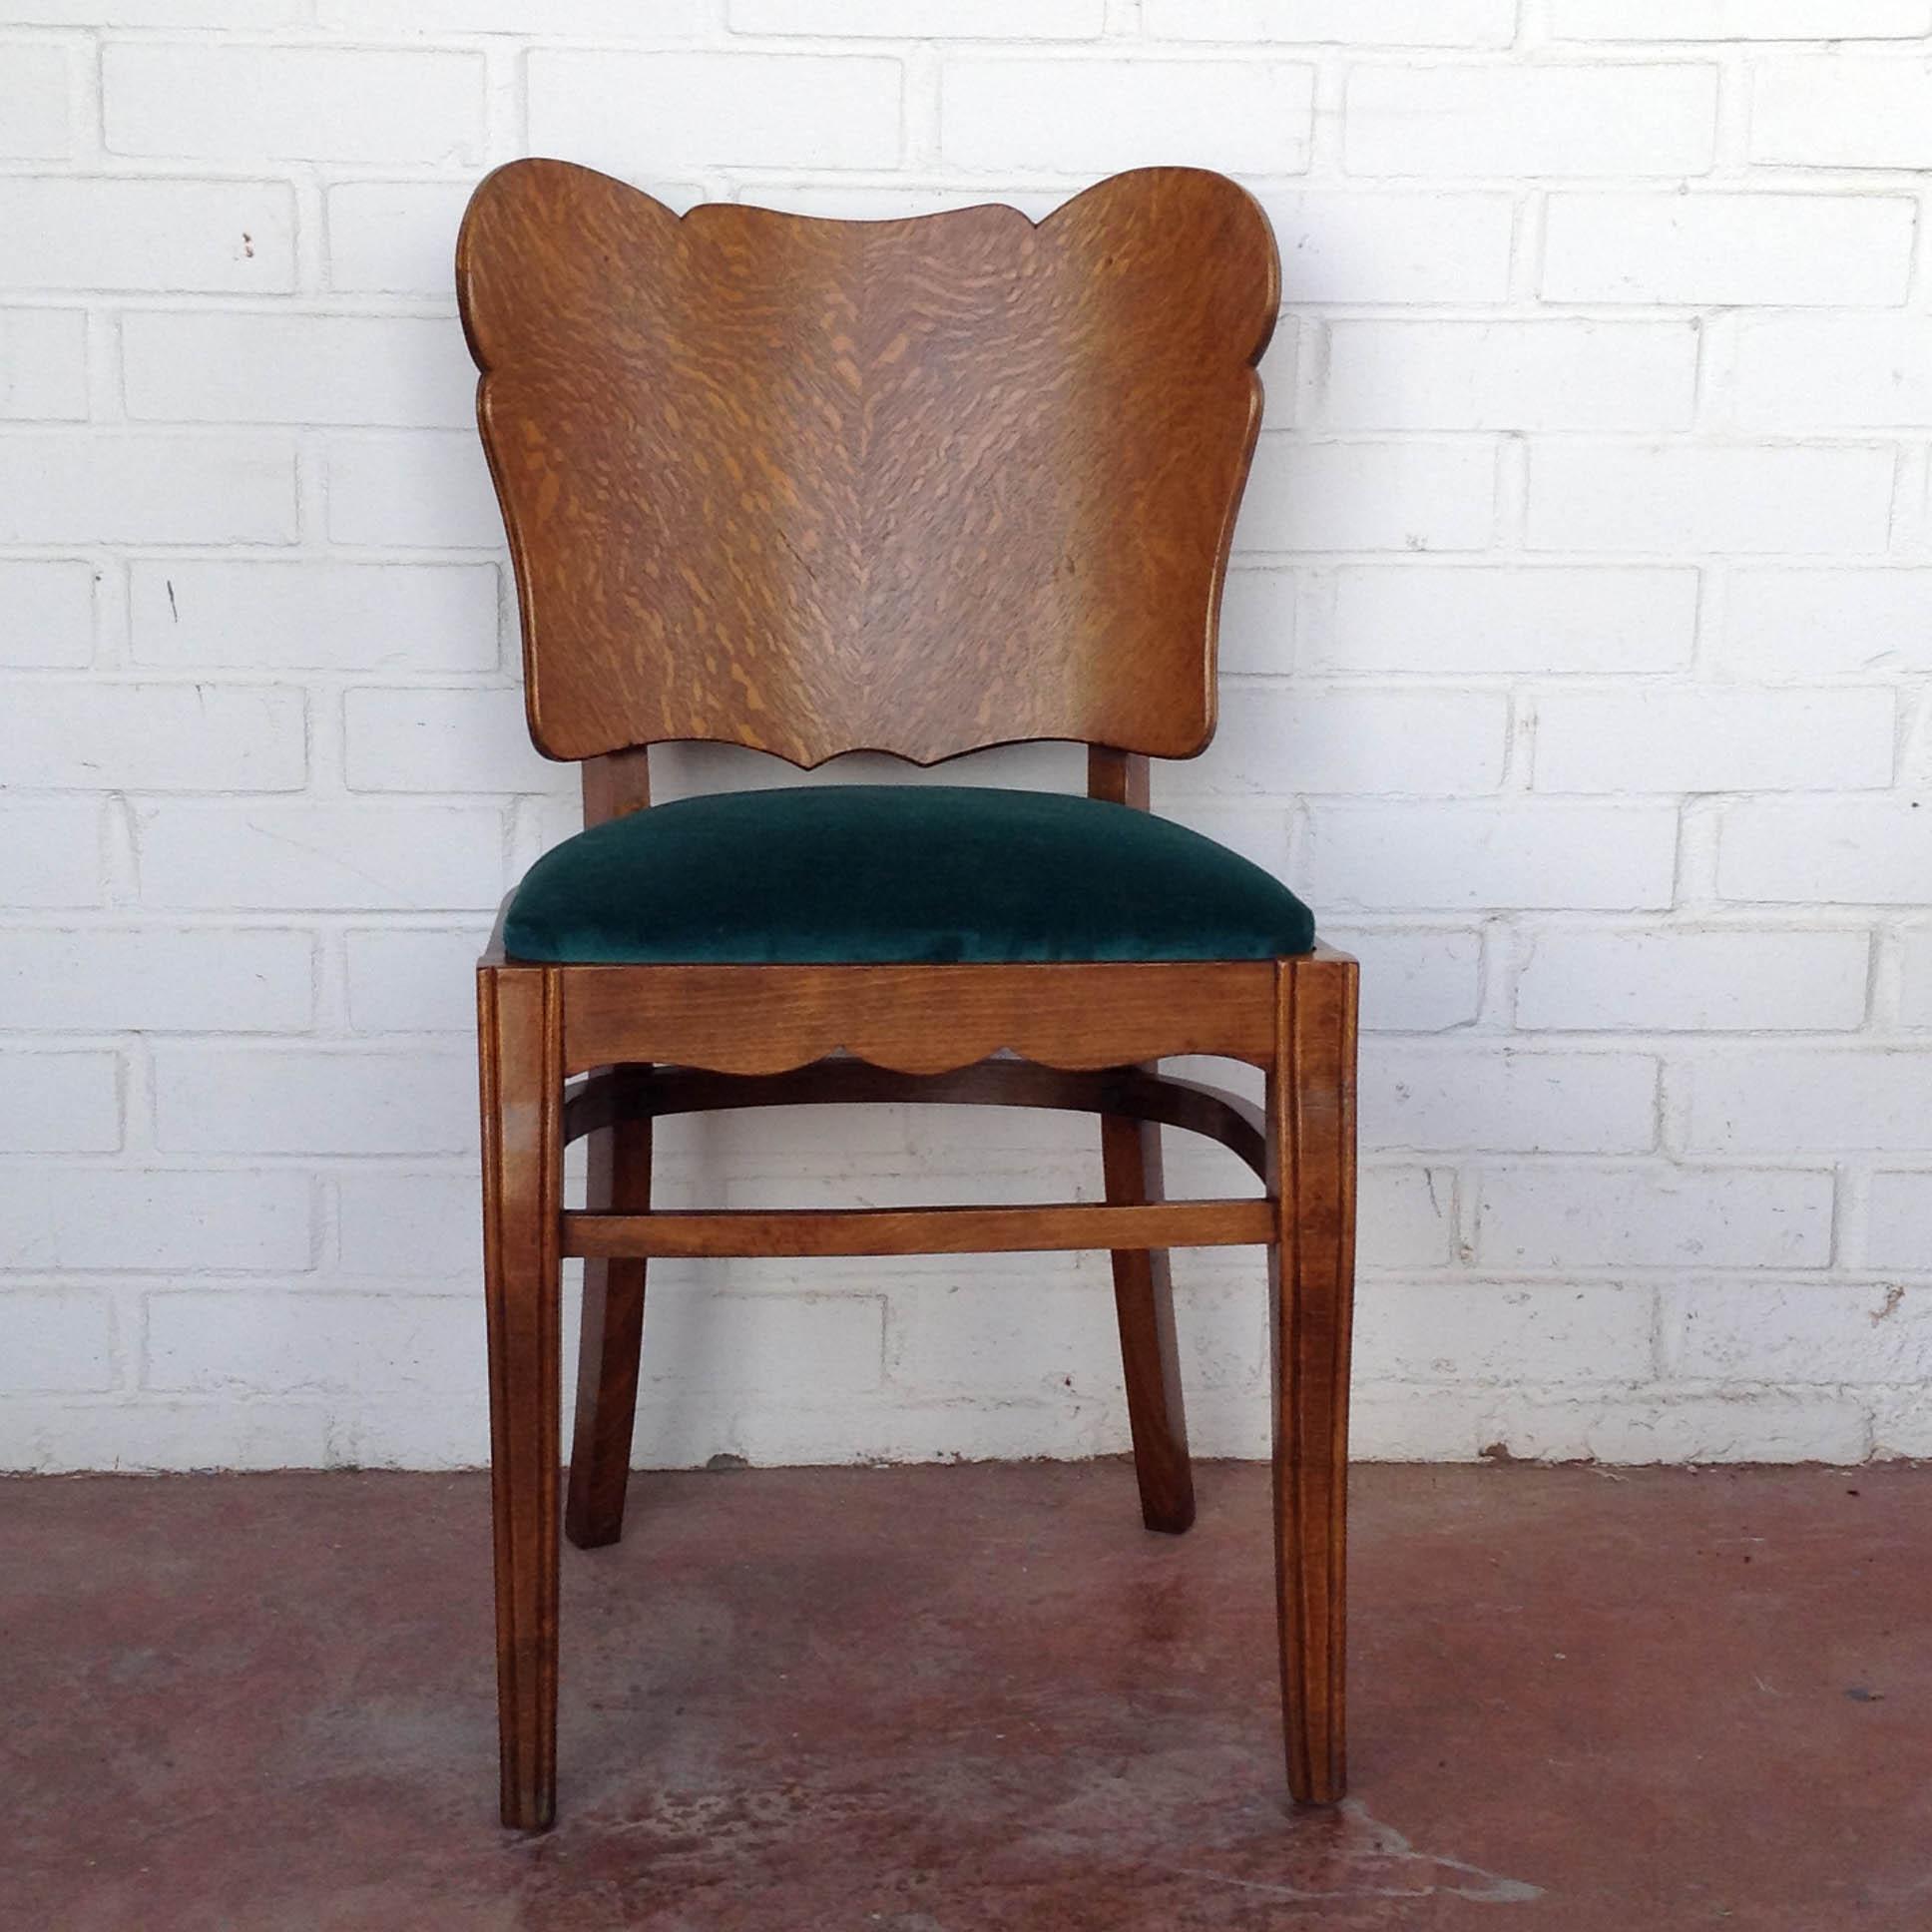 Pareja sillas belgas estilo deco asiento terciopelo algodon verde haya roble vintage antiguas clasicas 2